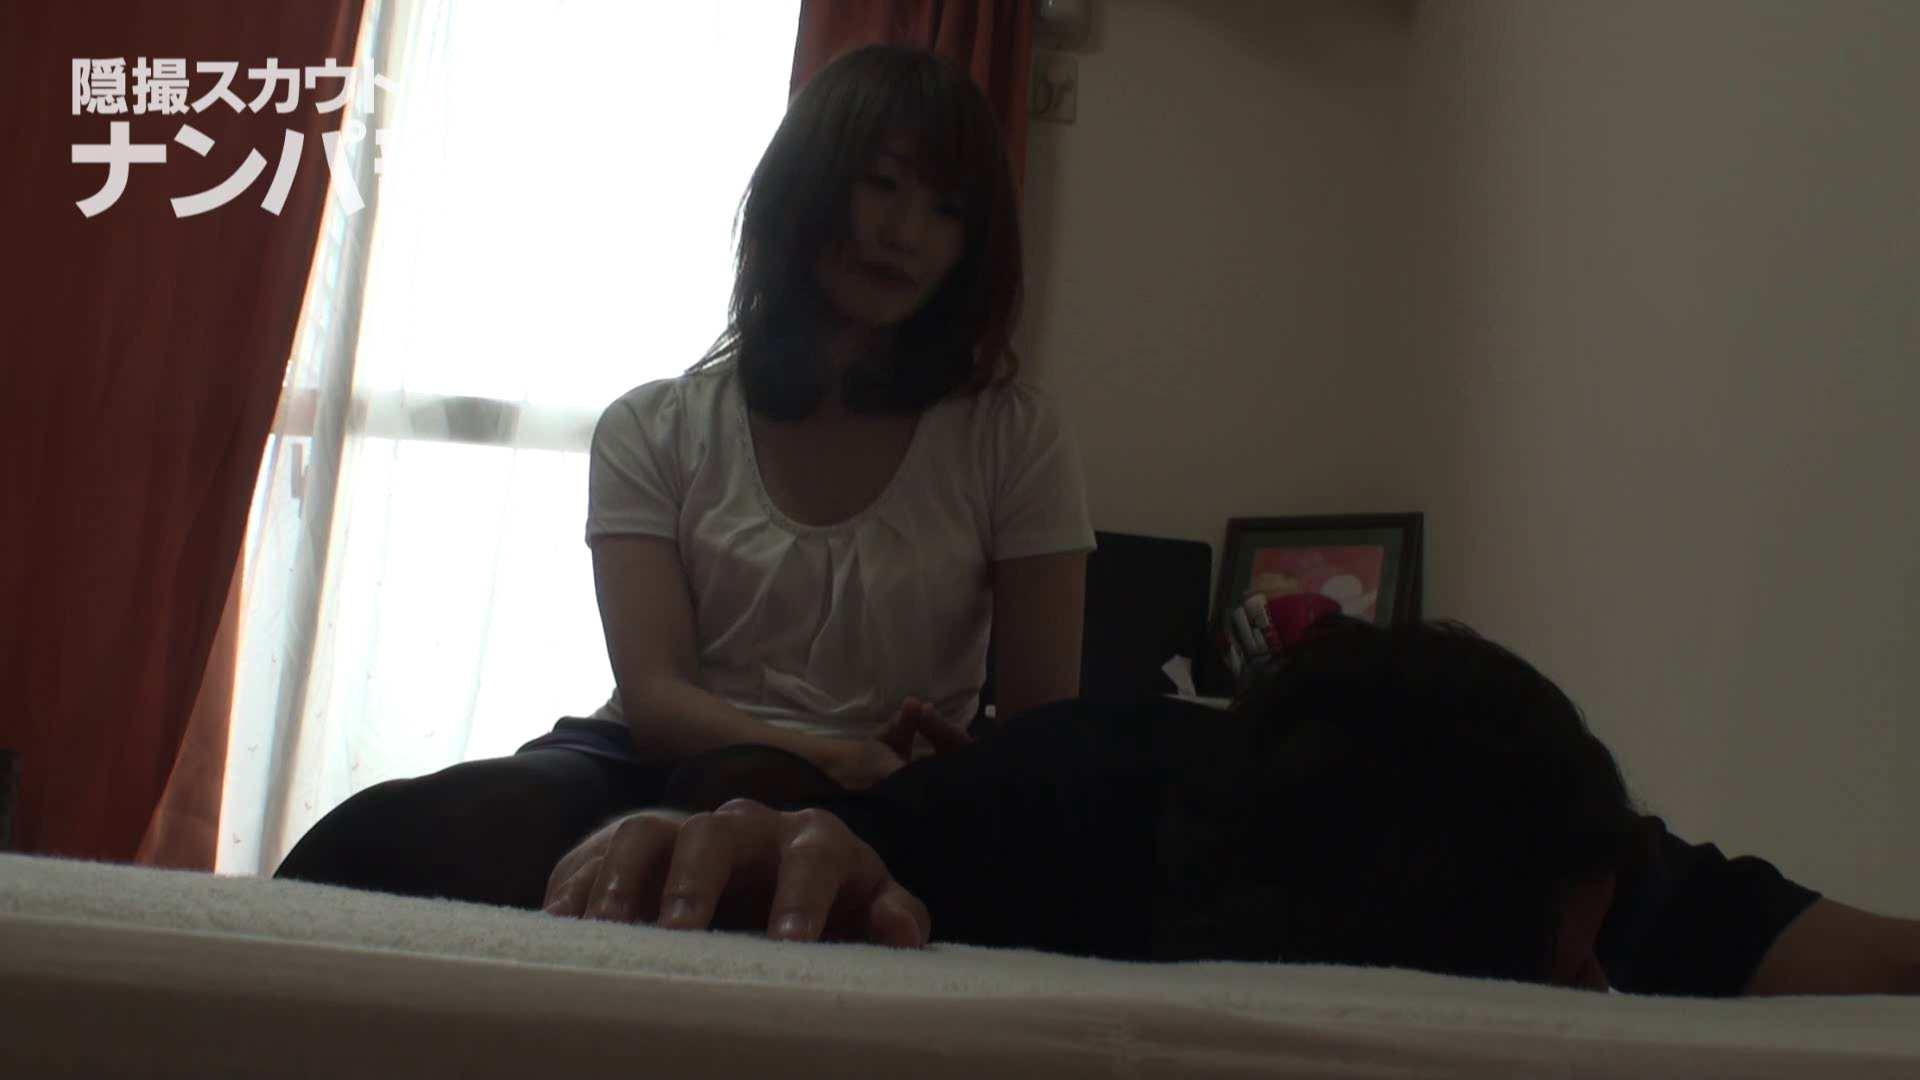 隠撮スカウトマンのナンパ部屋~風俗デビュー前のつまみ食い~ siivol.2 ナンパ  80pic 14